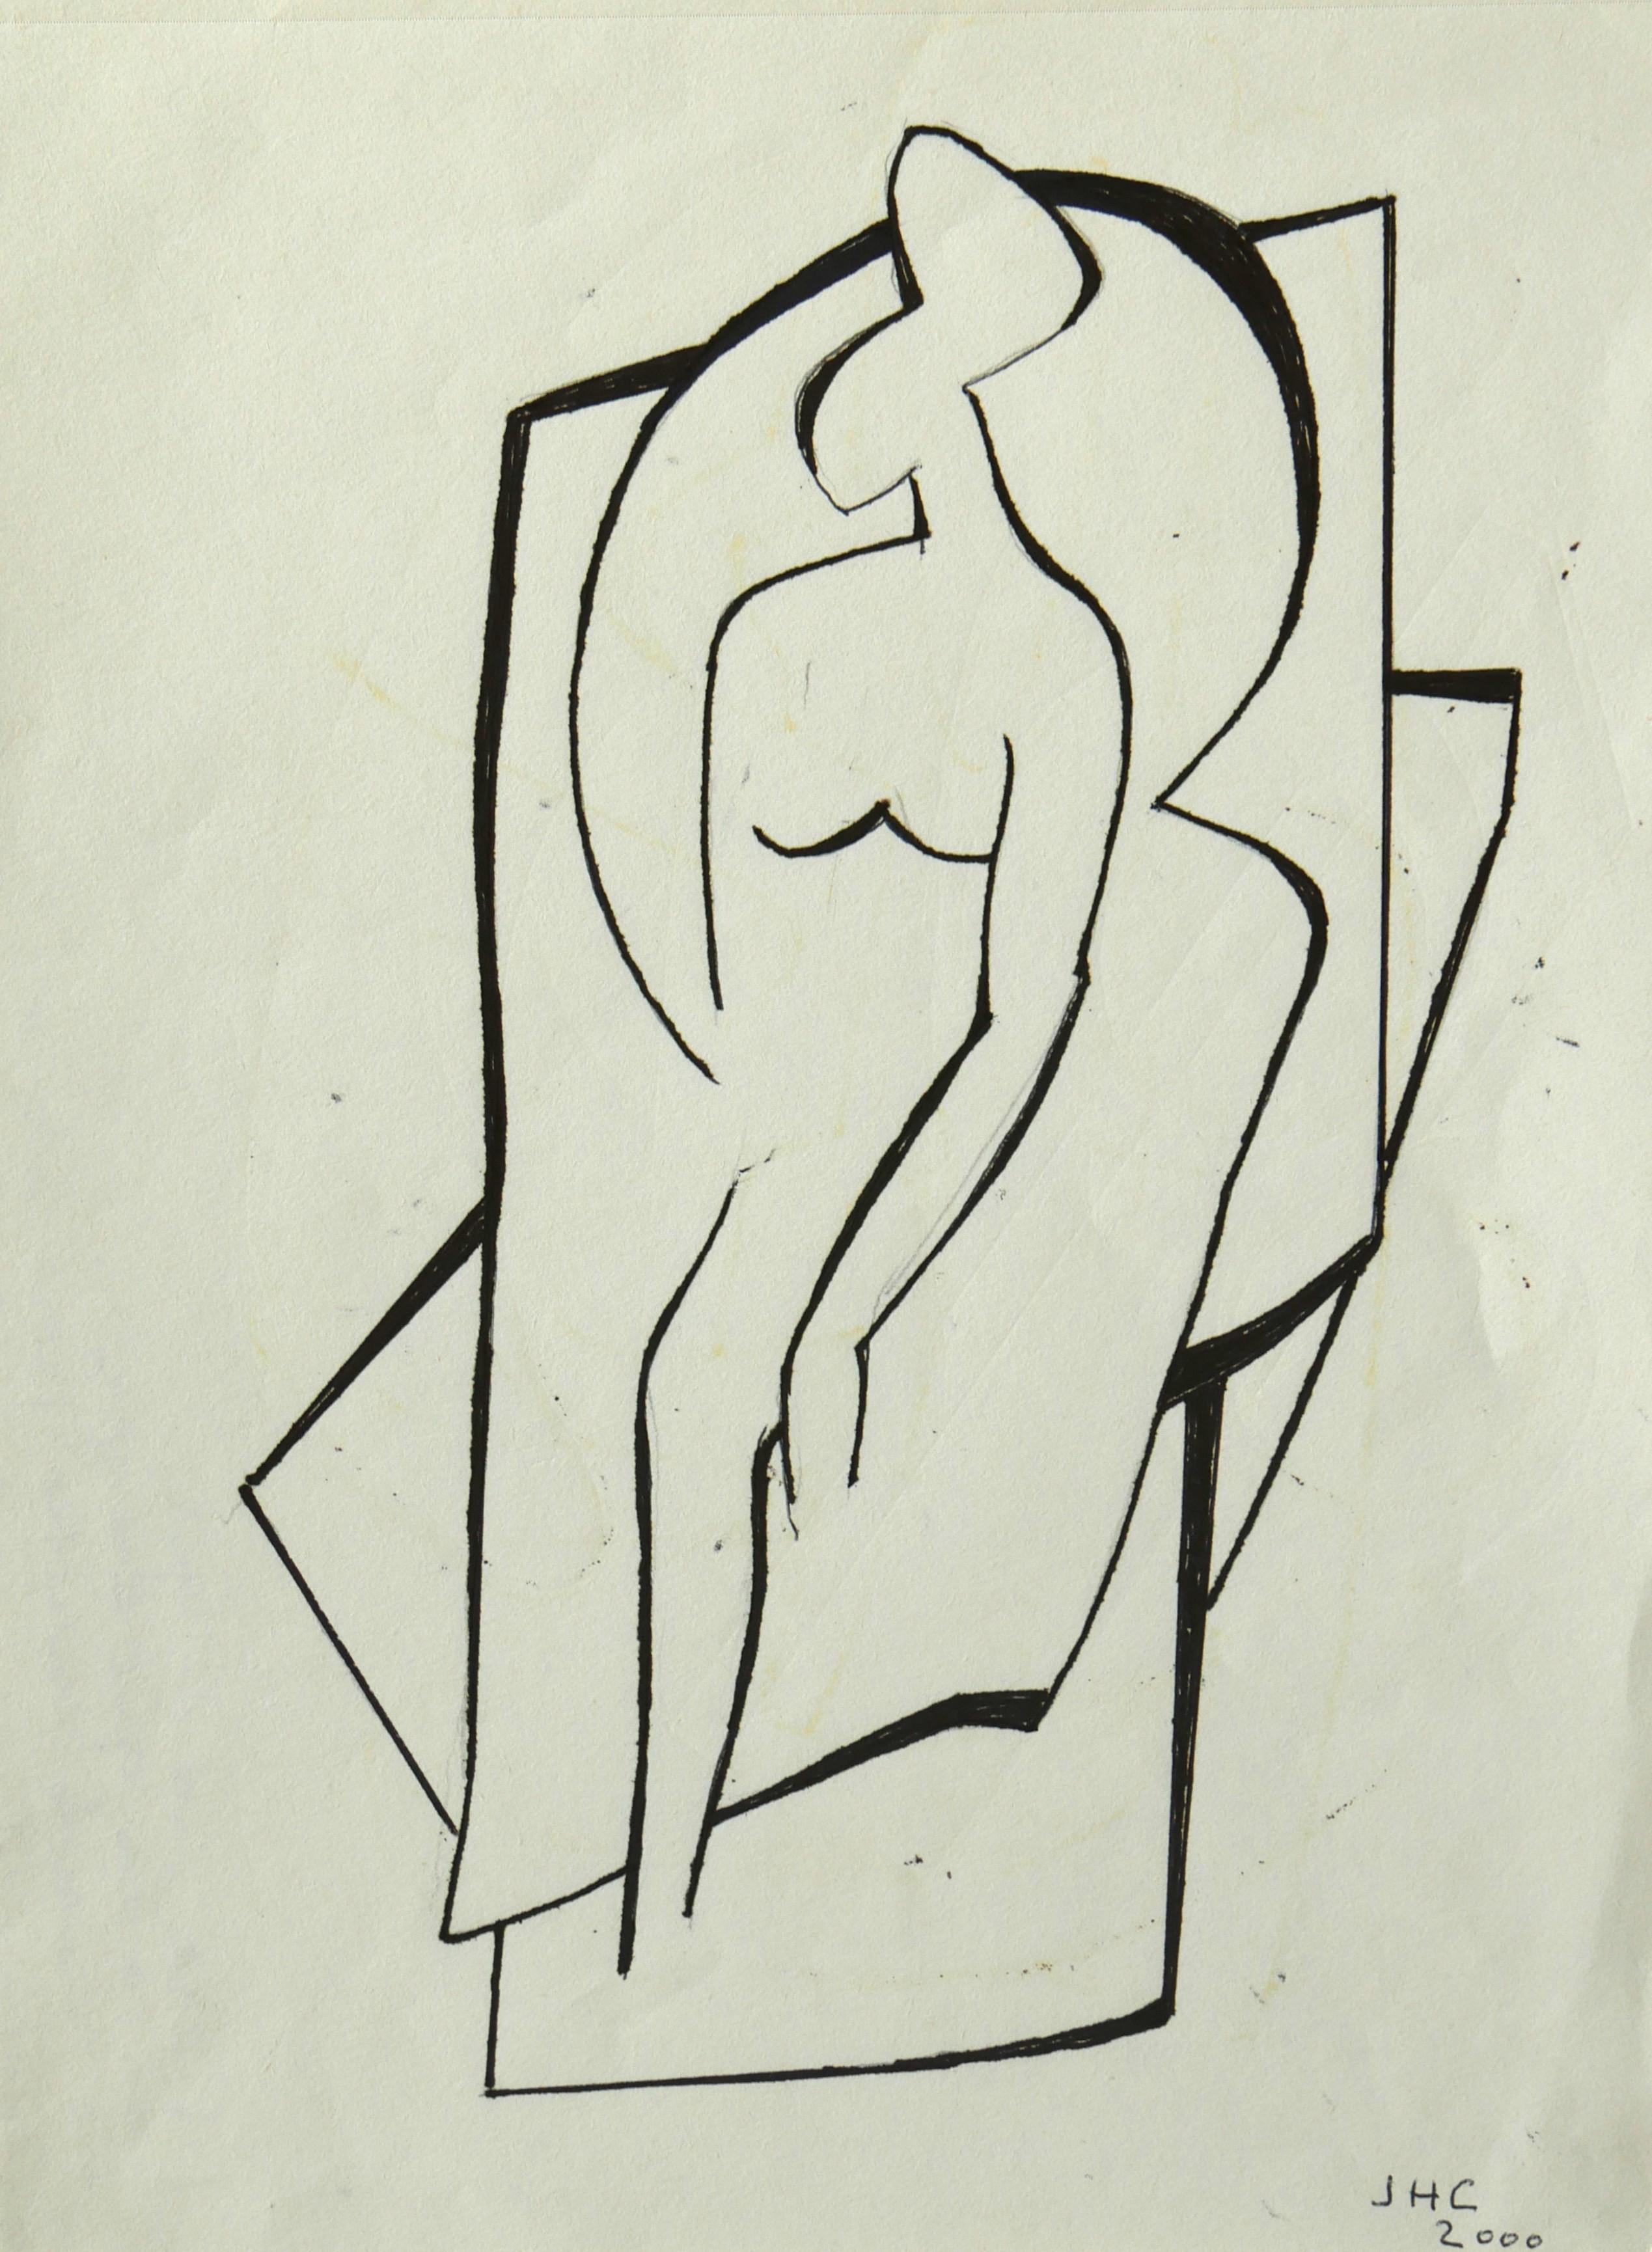 """2000.4. Desnudo de mujer. 28x21 cm. Rotulador negro. Dedicado por el autor a su mujer """"Para mi mujer Ana a la que siempre he querido mucho pero ahora mucho más. Jacinto"""". 2000"""